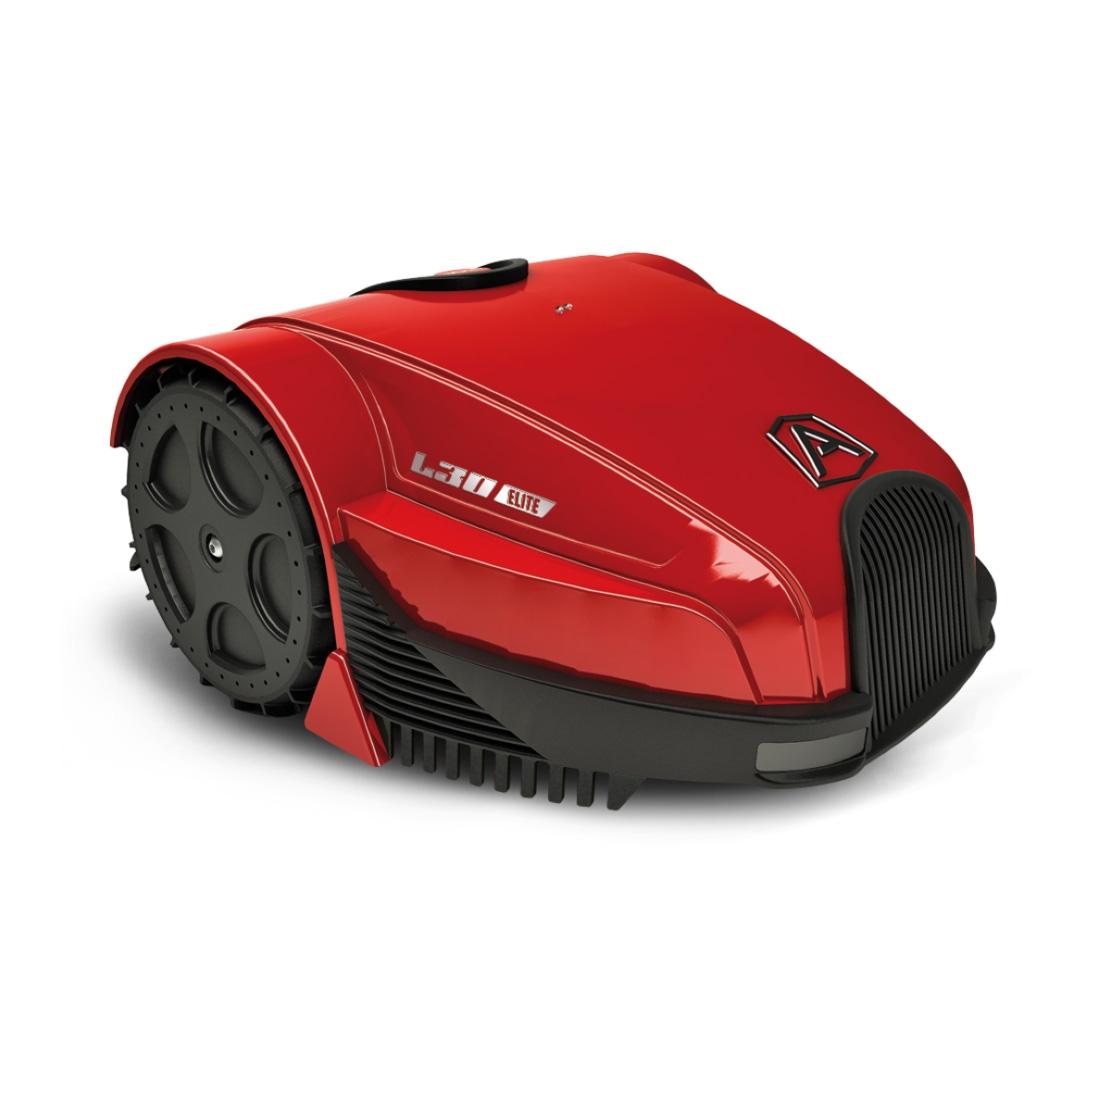 Image of Ambrogio Robot L30 Elite brushless